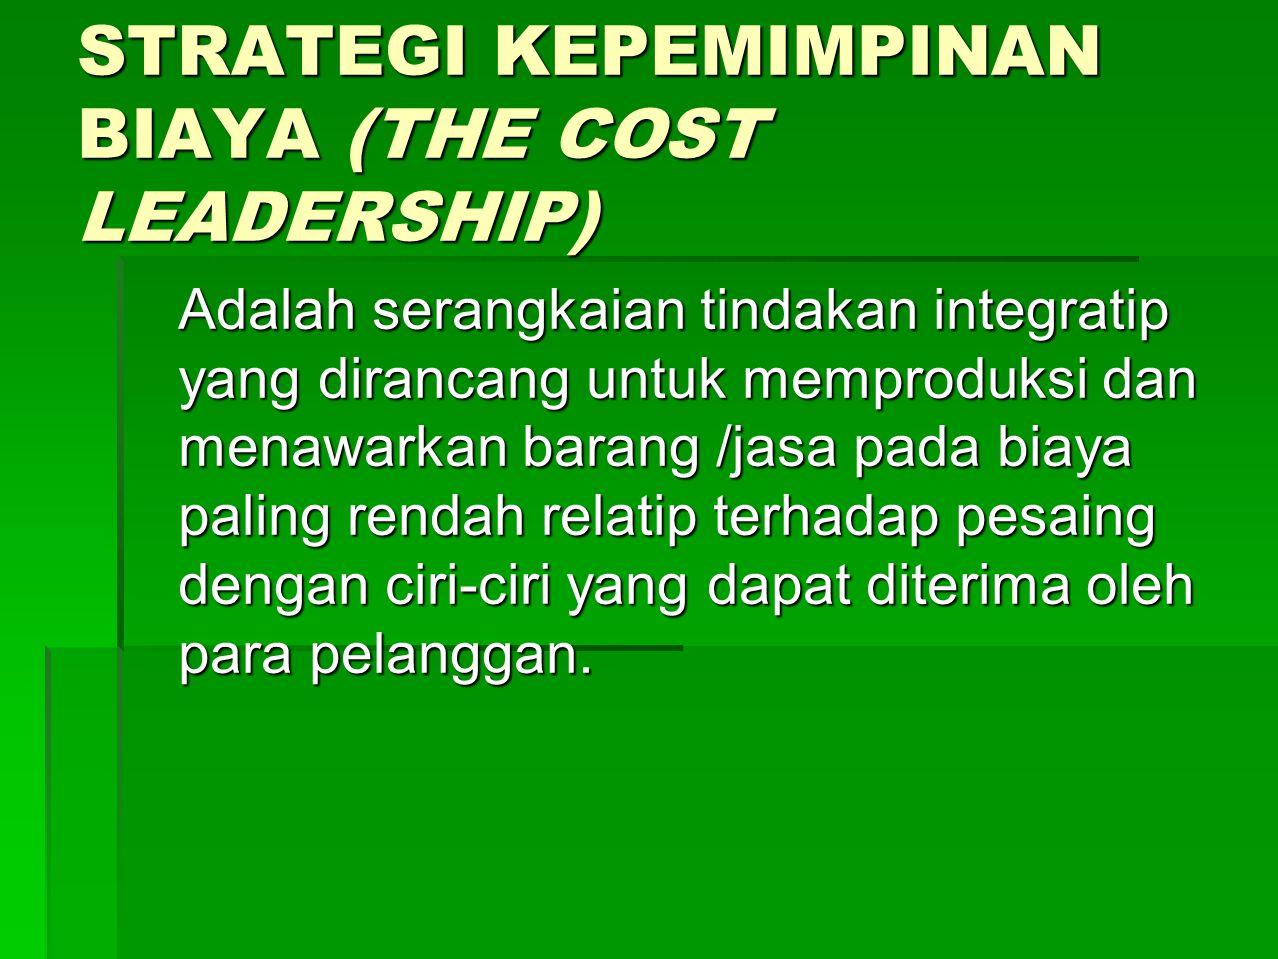 STRATEGI KEPEMIMPINAN BIAYA (THE COST LEADERSHIP)